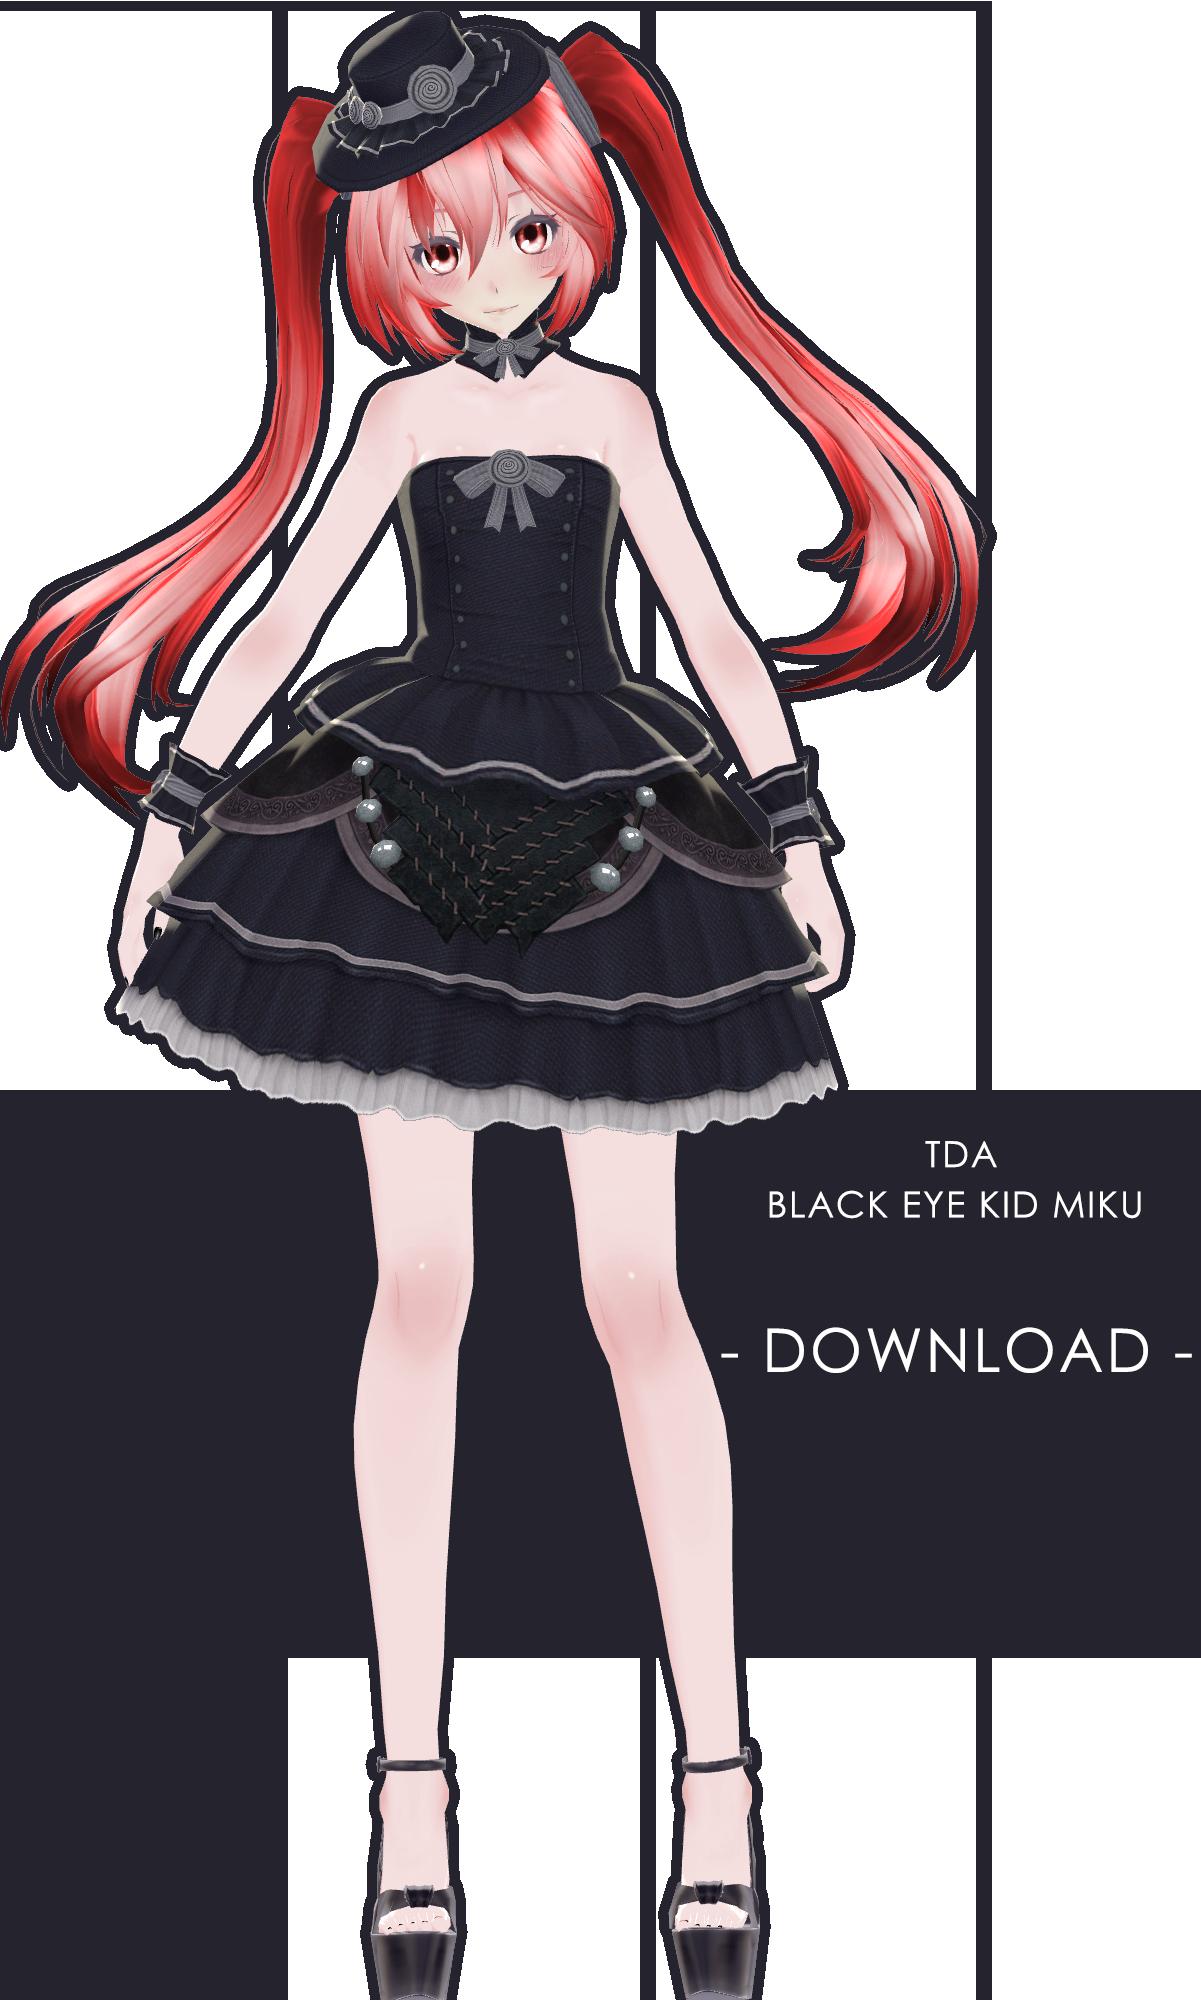 Tda Black Eye Kid Miku + Download by XxXSickHeartKunXxX